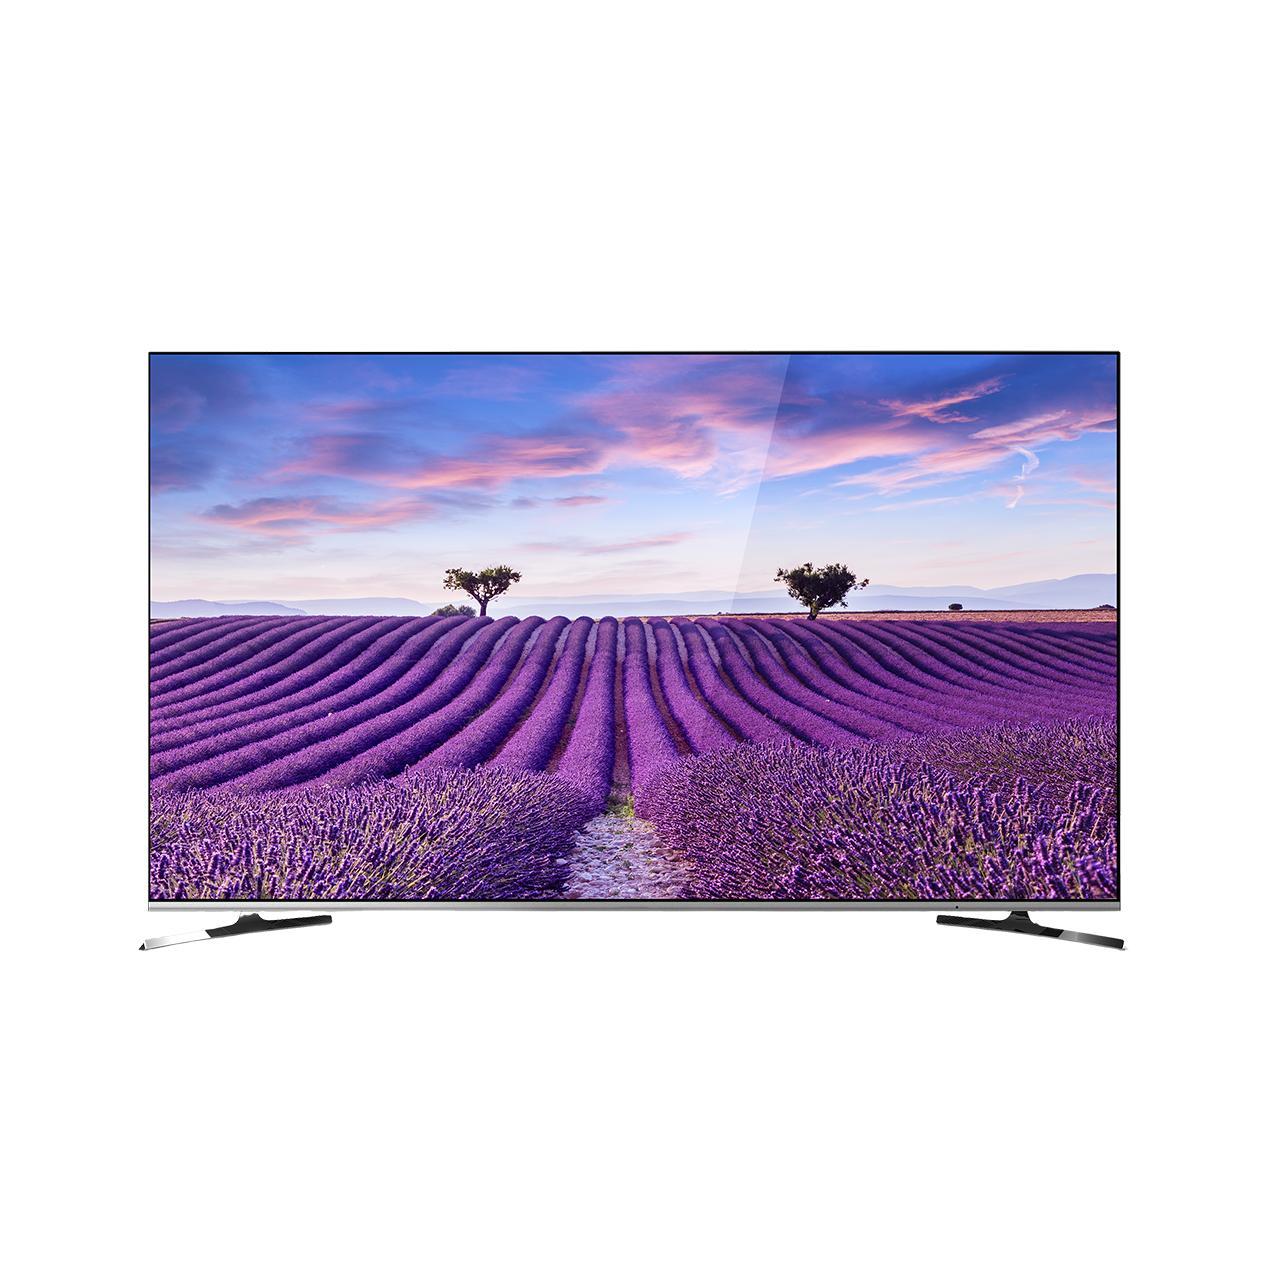 Bảng giá [Chỉ Giao Tại HCM&HN] - TV Android Panasonic TH-49FX650V - Bảo Hành 2 Năm - Hàng Chính Hãng